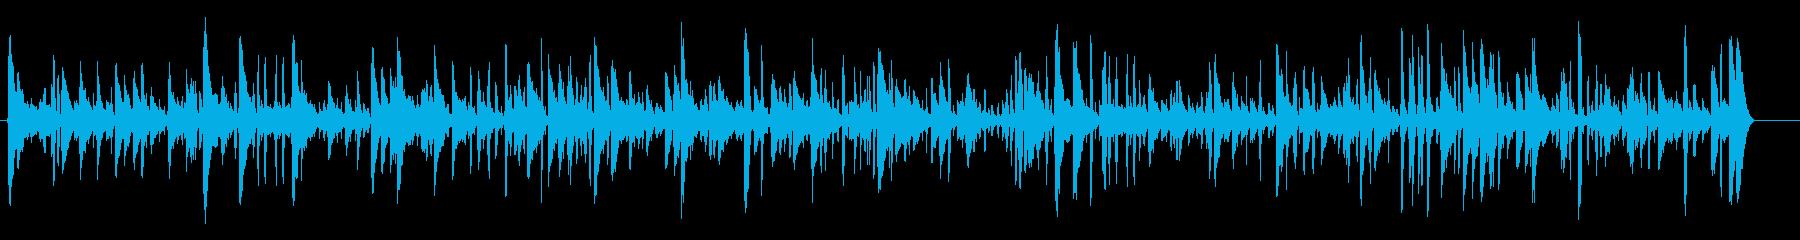 スタイリッシュ穏やかなジャズピアノ疾走感の再生済みの波形